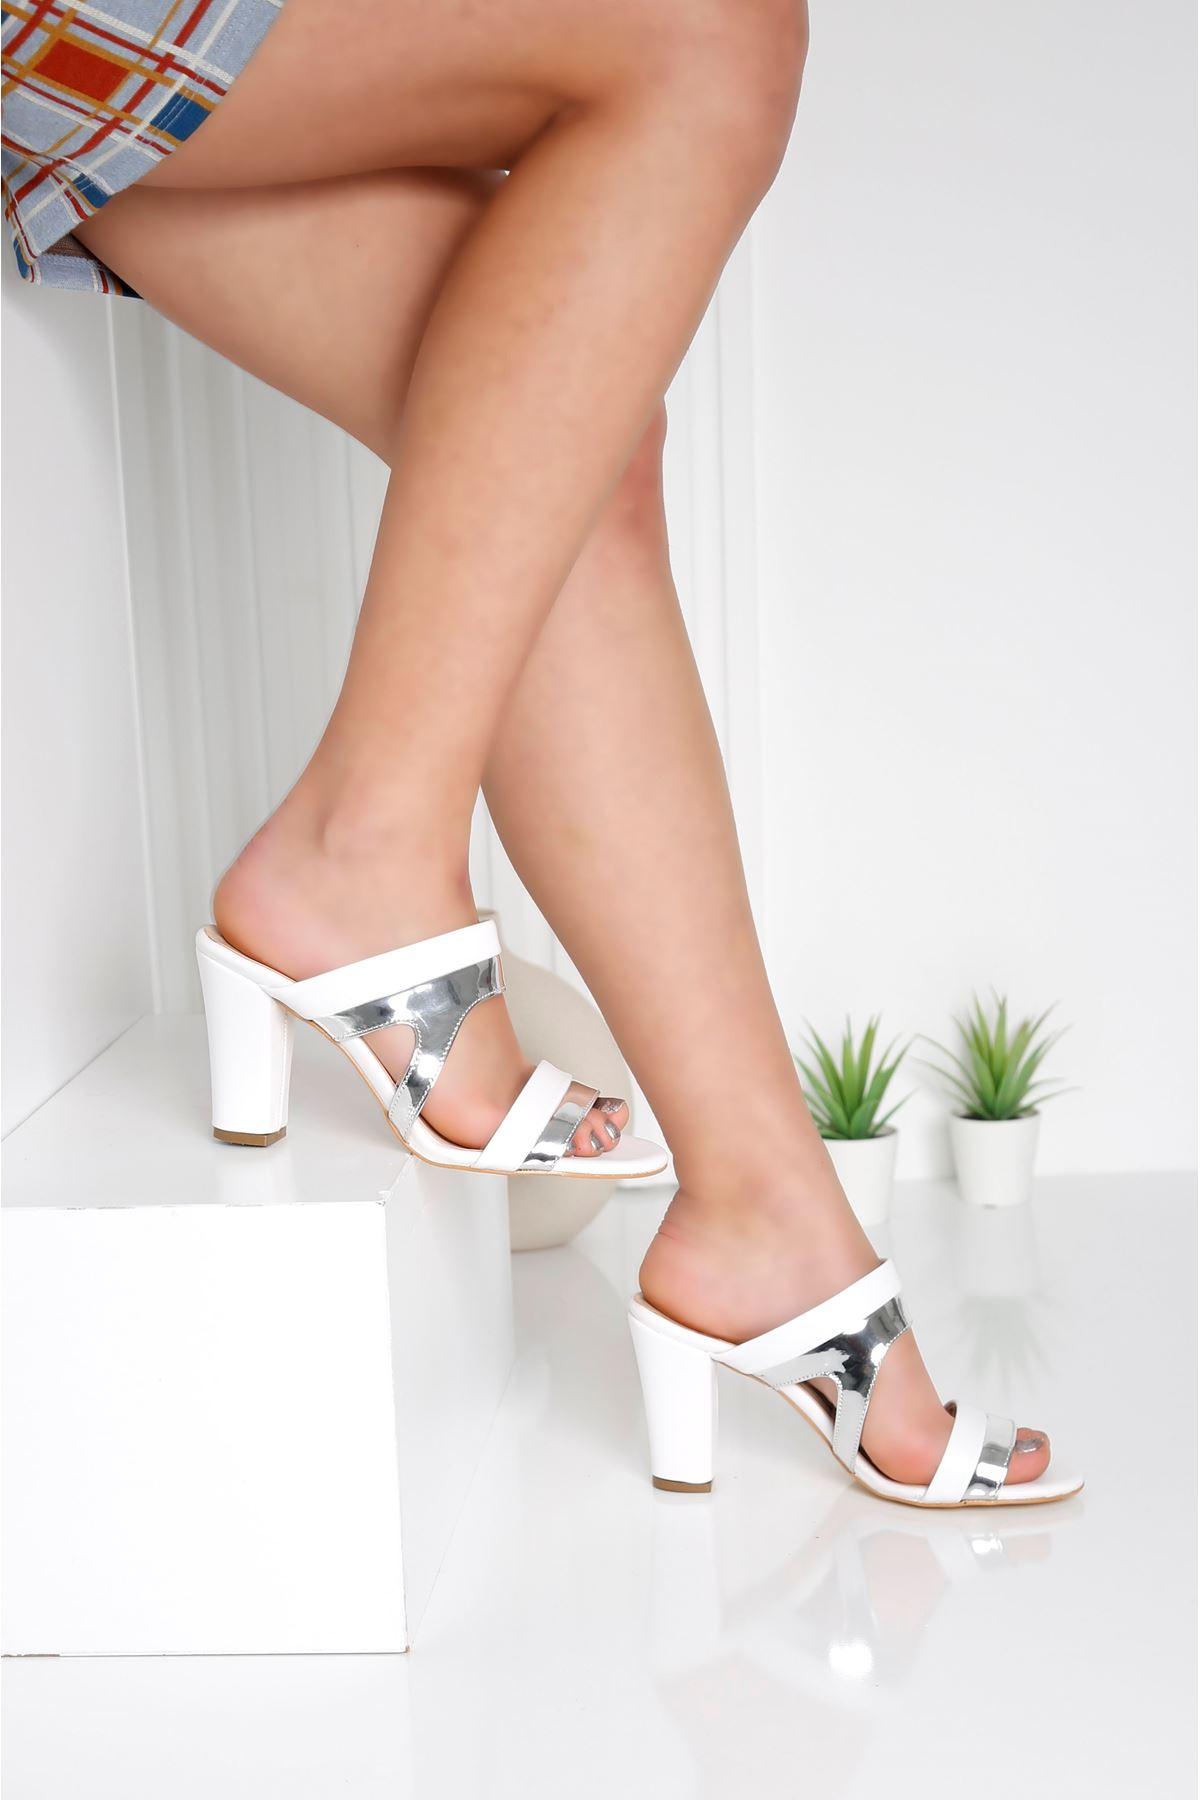 EDINA Gümüş Topuklu Kadın Terlik